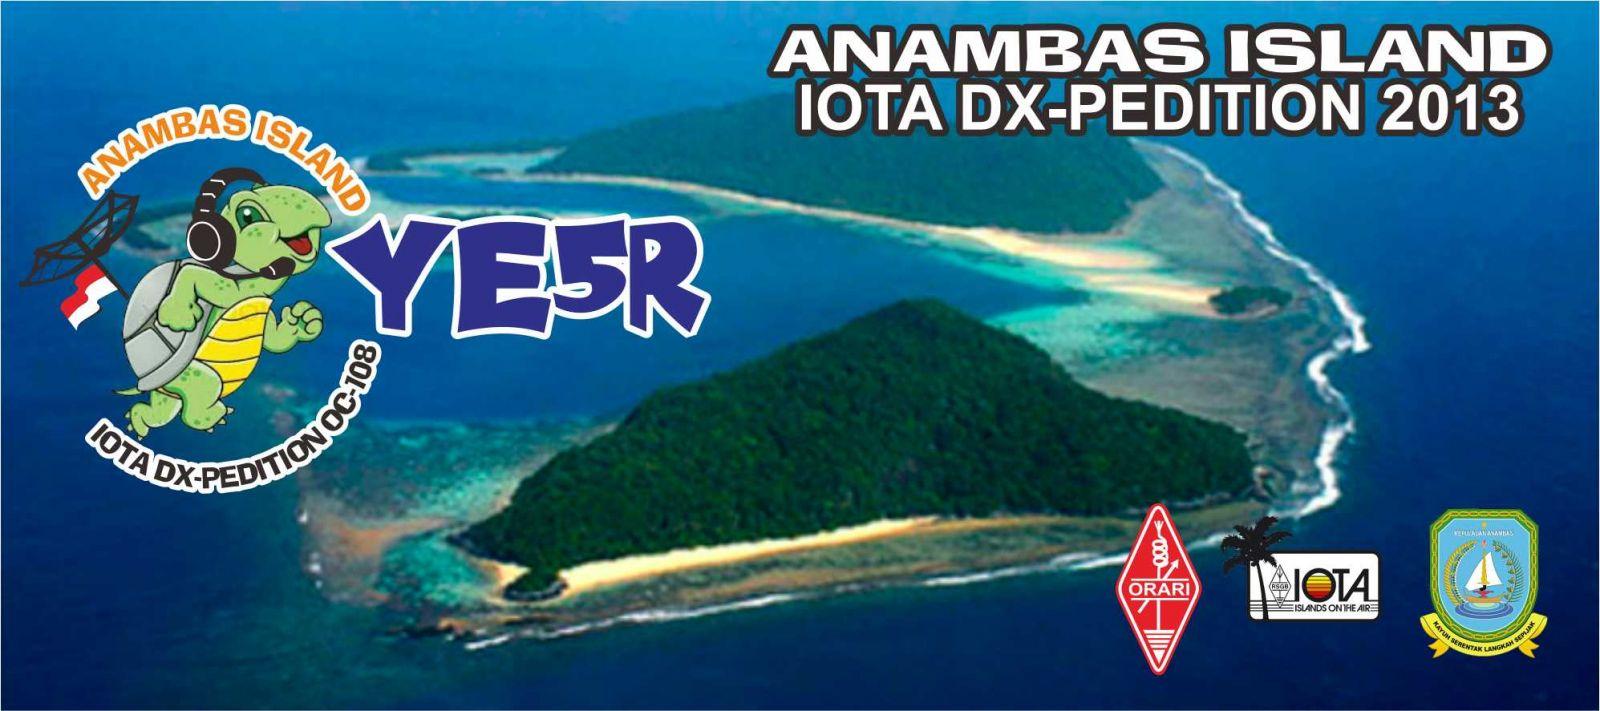 Anambas Island YE5R DX News